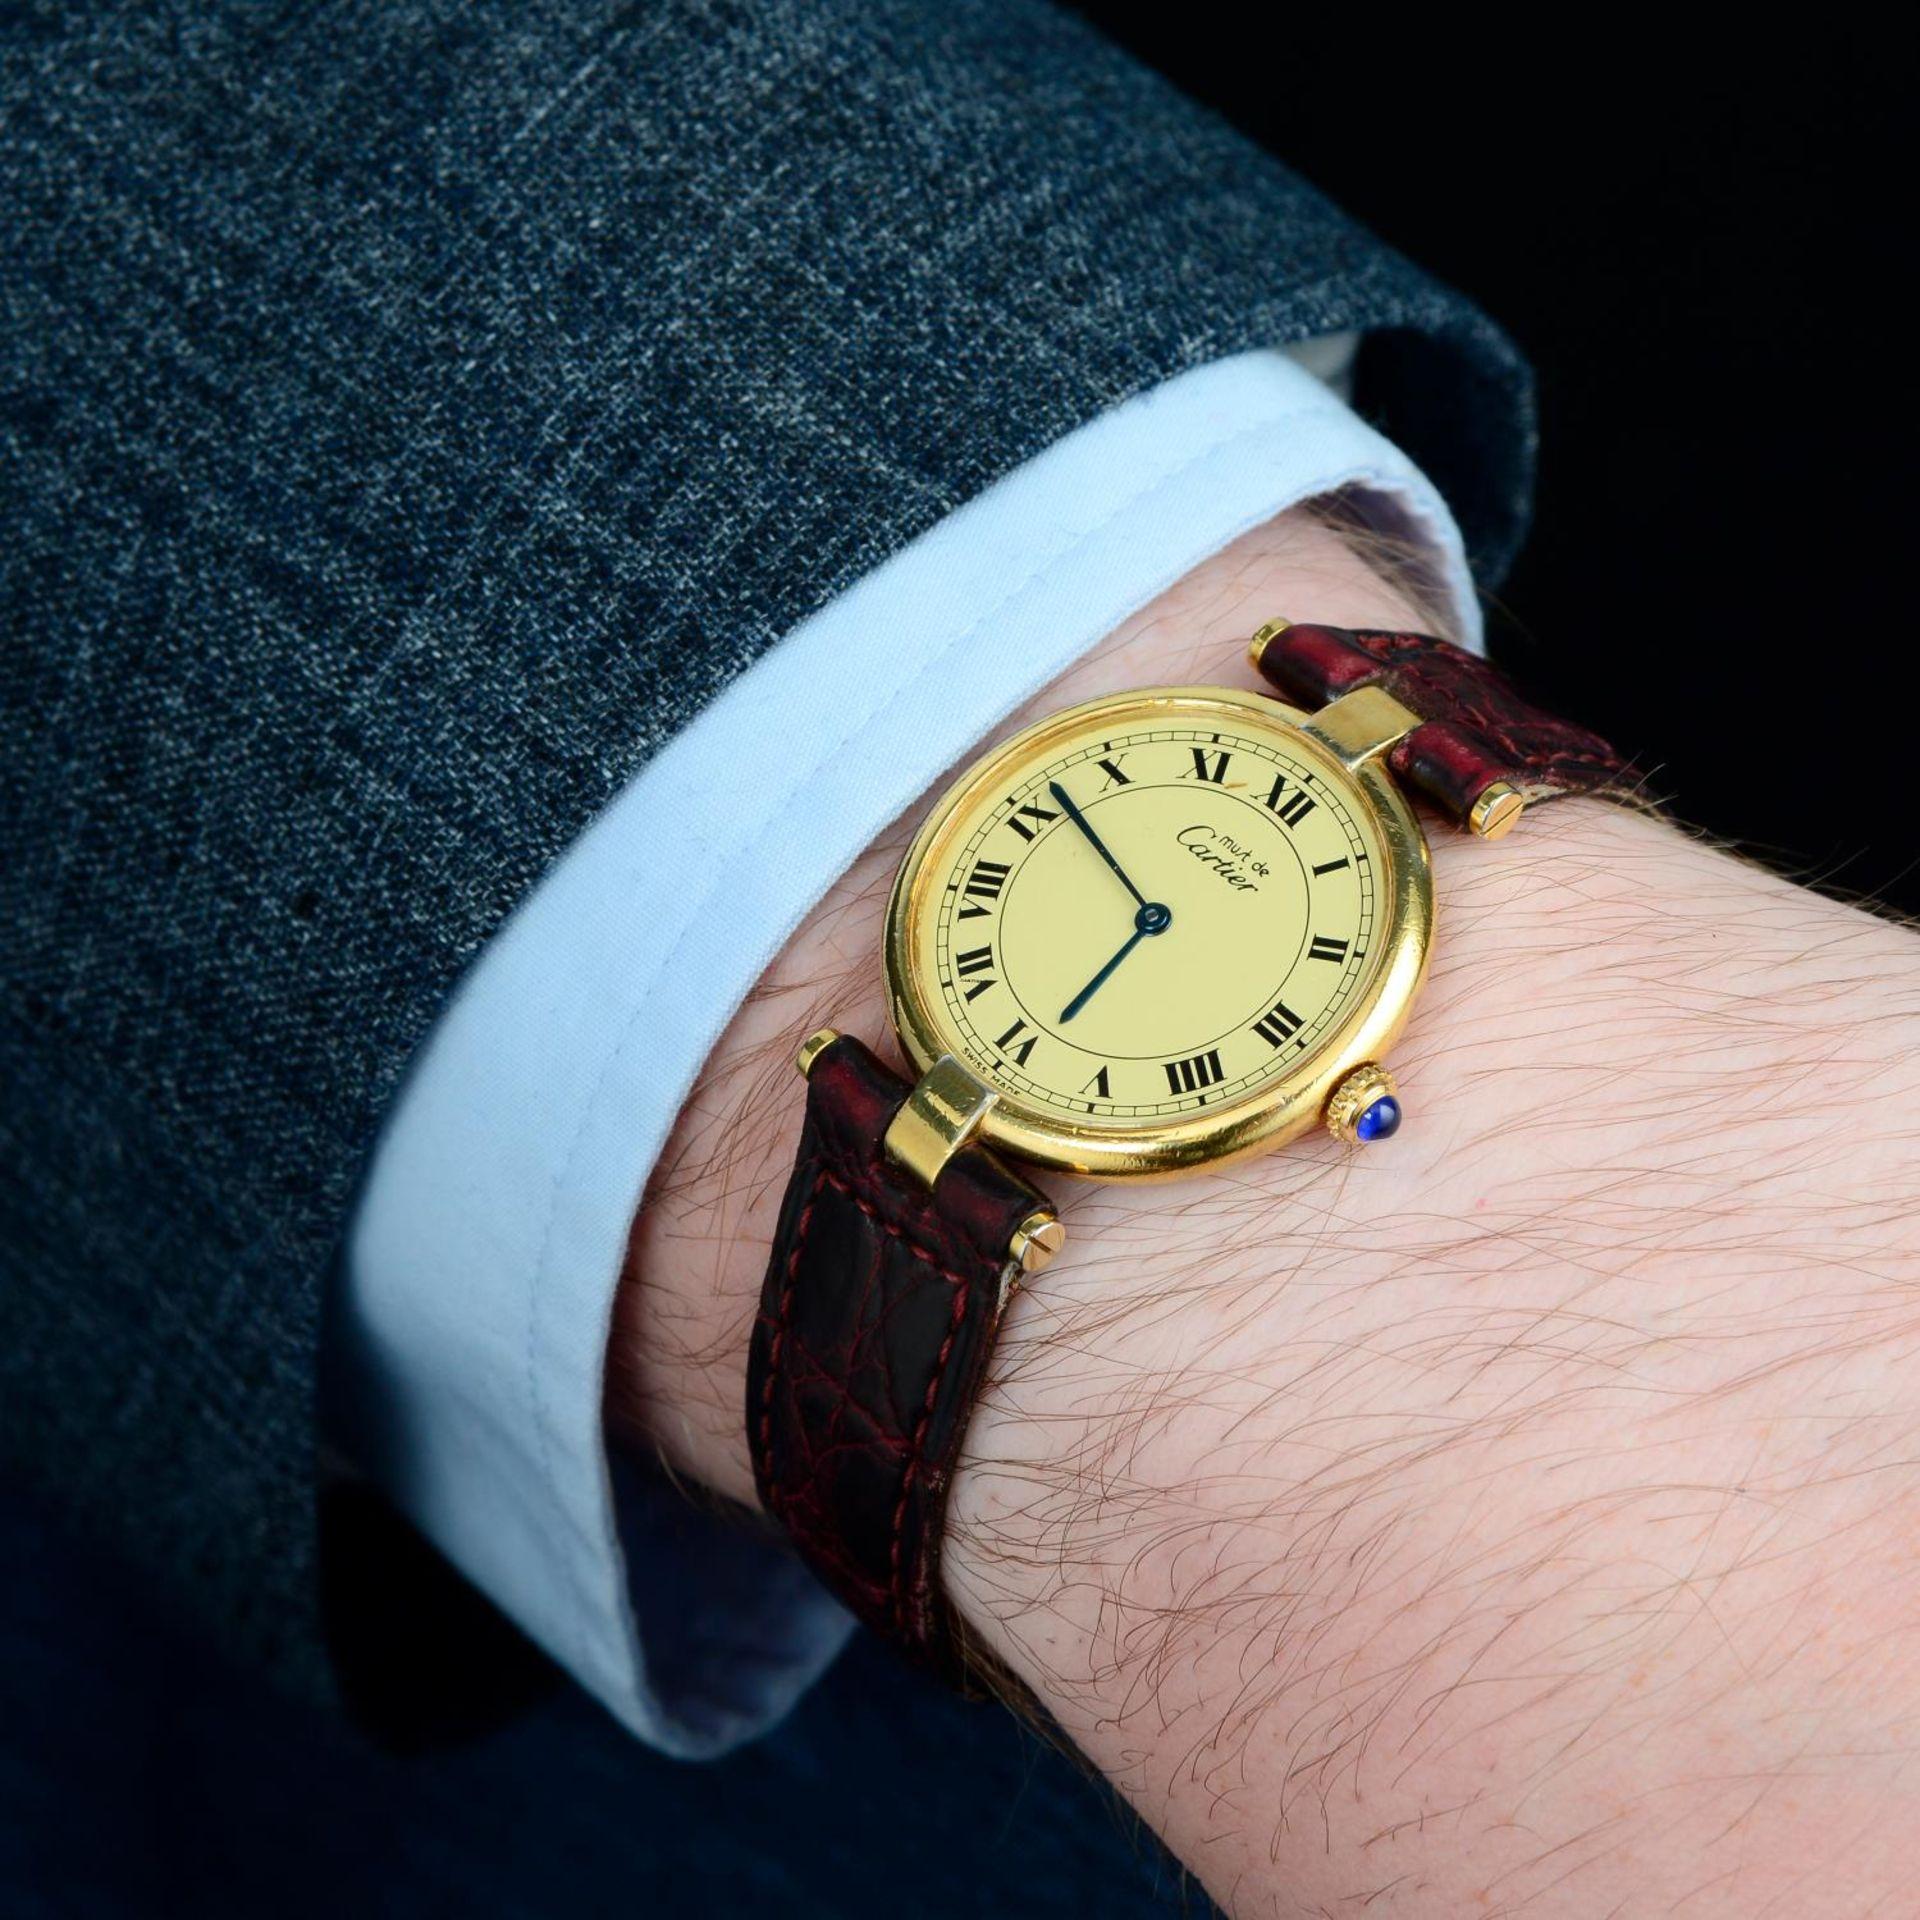 CARTIER - a Must de Cartier wrist watch. - Bild 3 aus 5